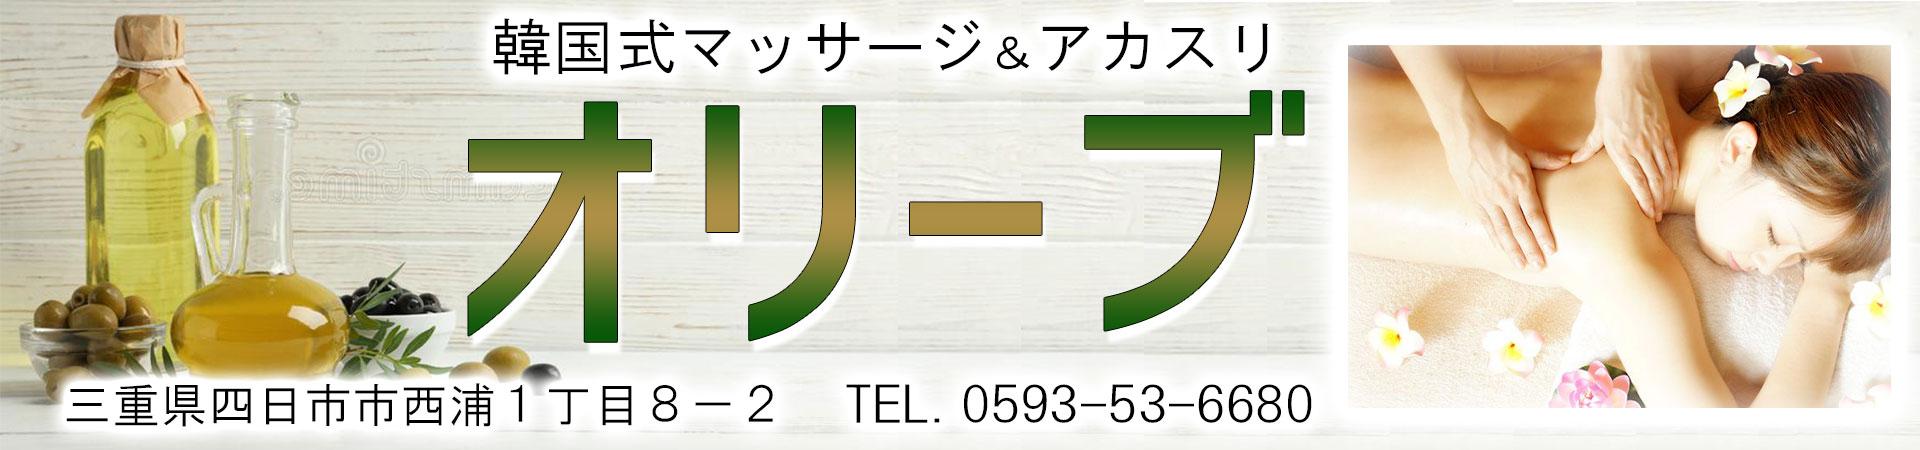 【オリーブ】三重/四日市